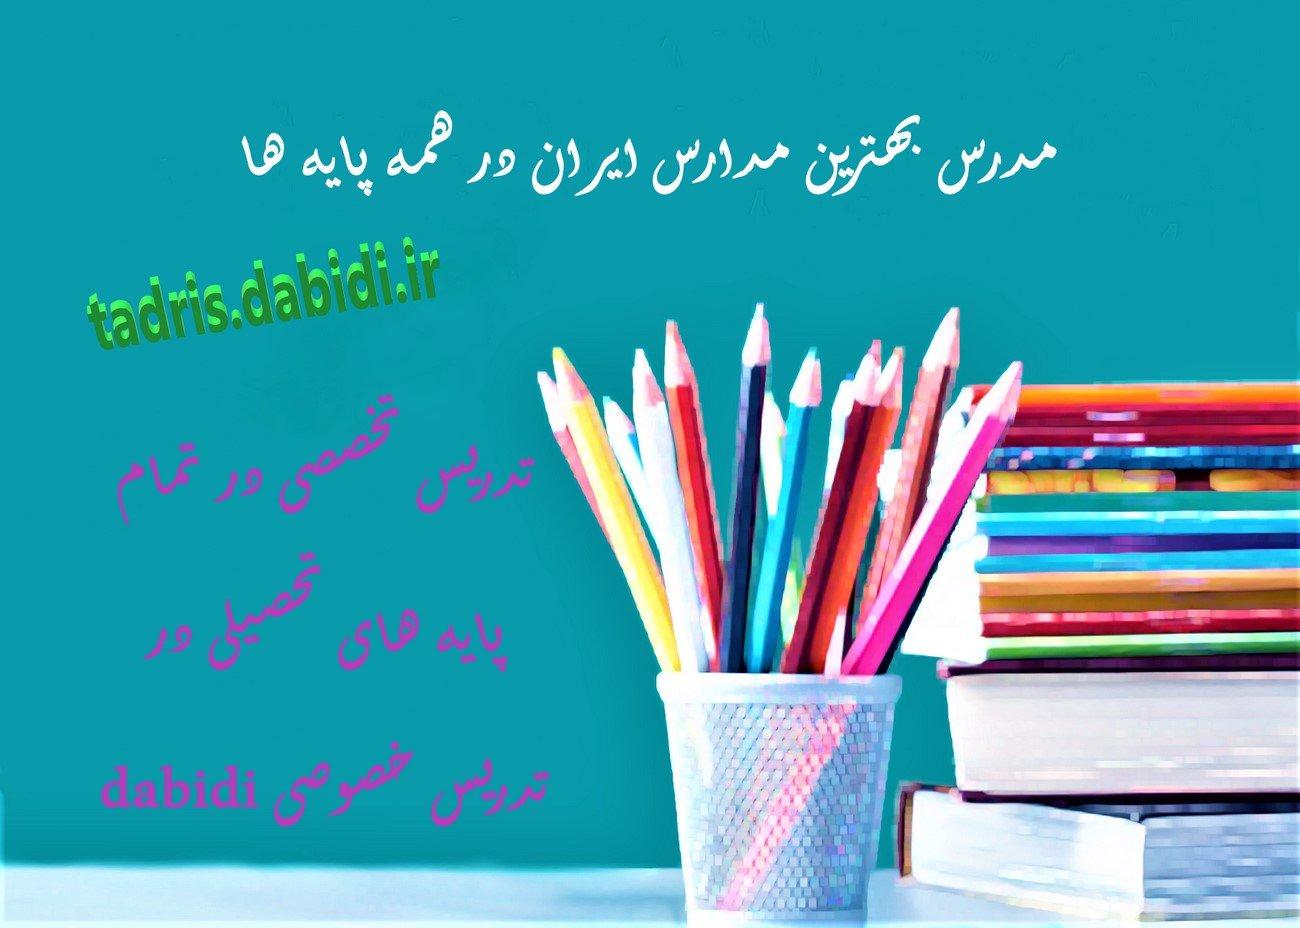 مدرس بهترین مدارس ایران در همه پایه ها